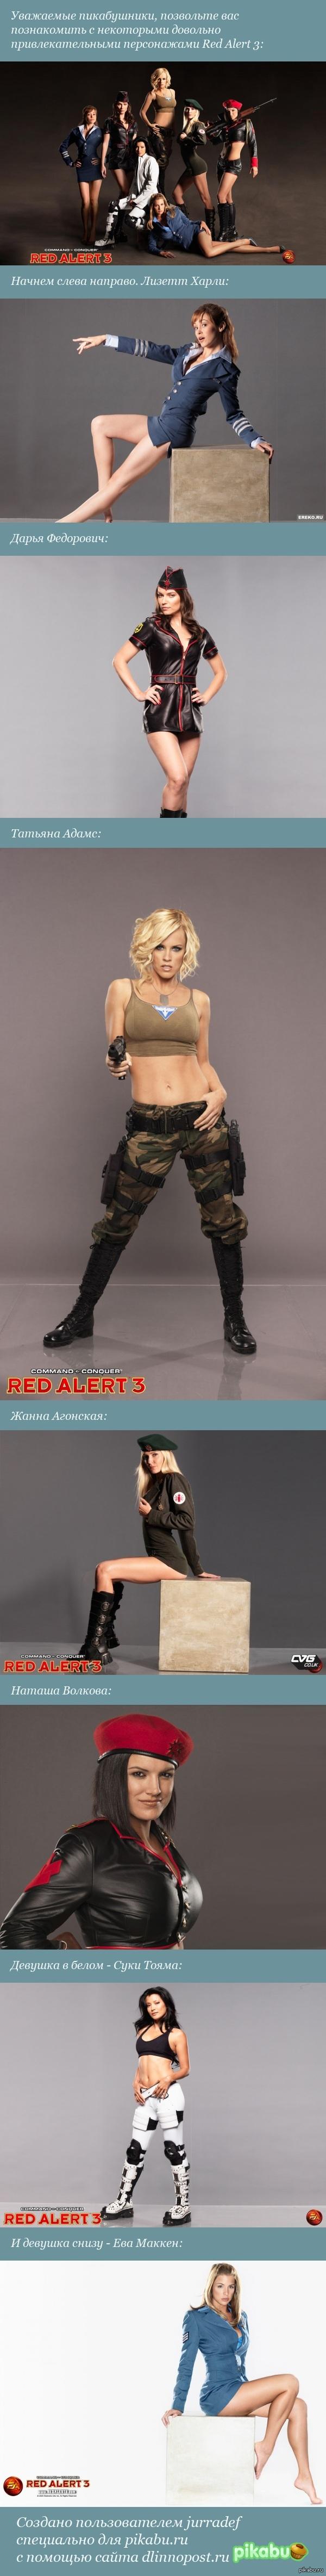 Девушки из Red Alert 3 Не уверен насчет клубнички